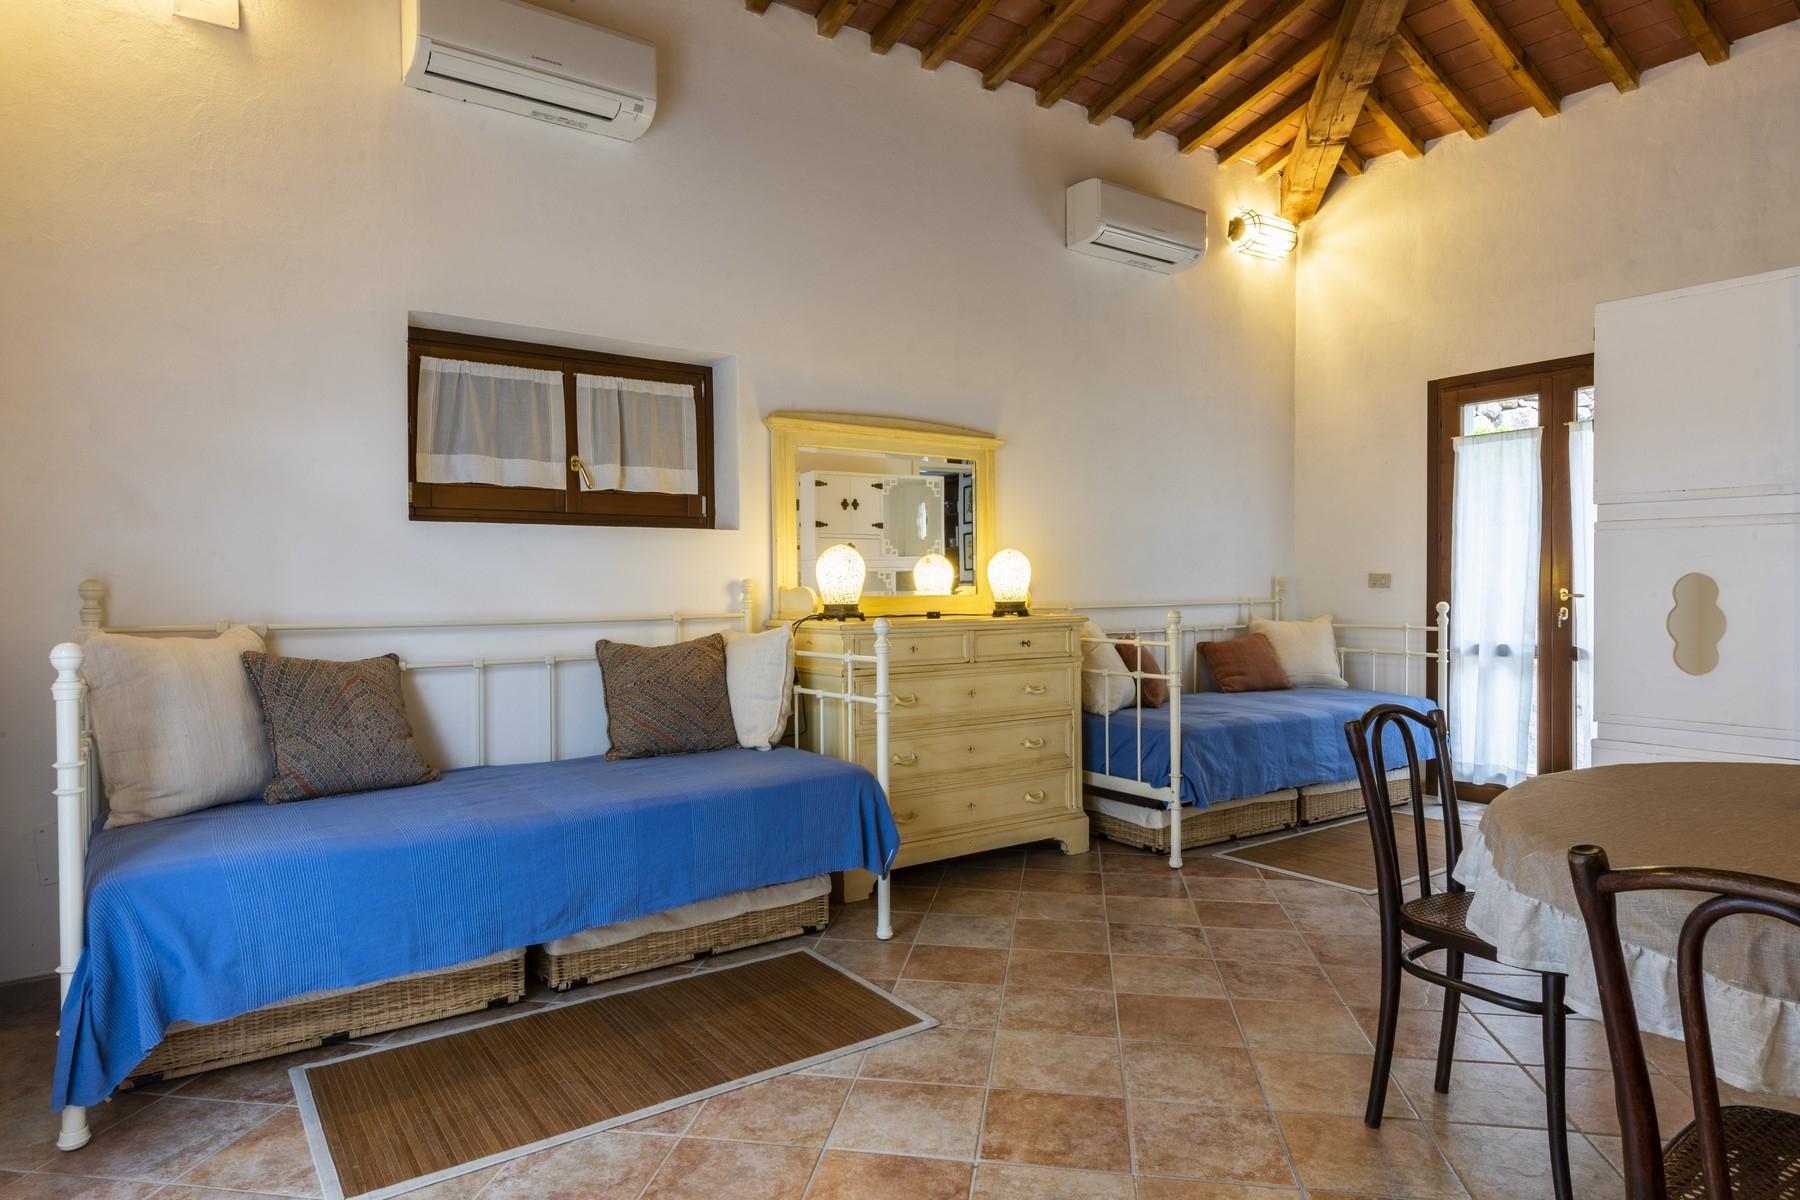 Villa in Vendita a Capraia Isola: 5 locali, 320 mq - Foto 19